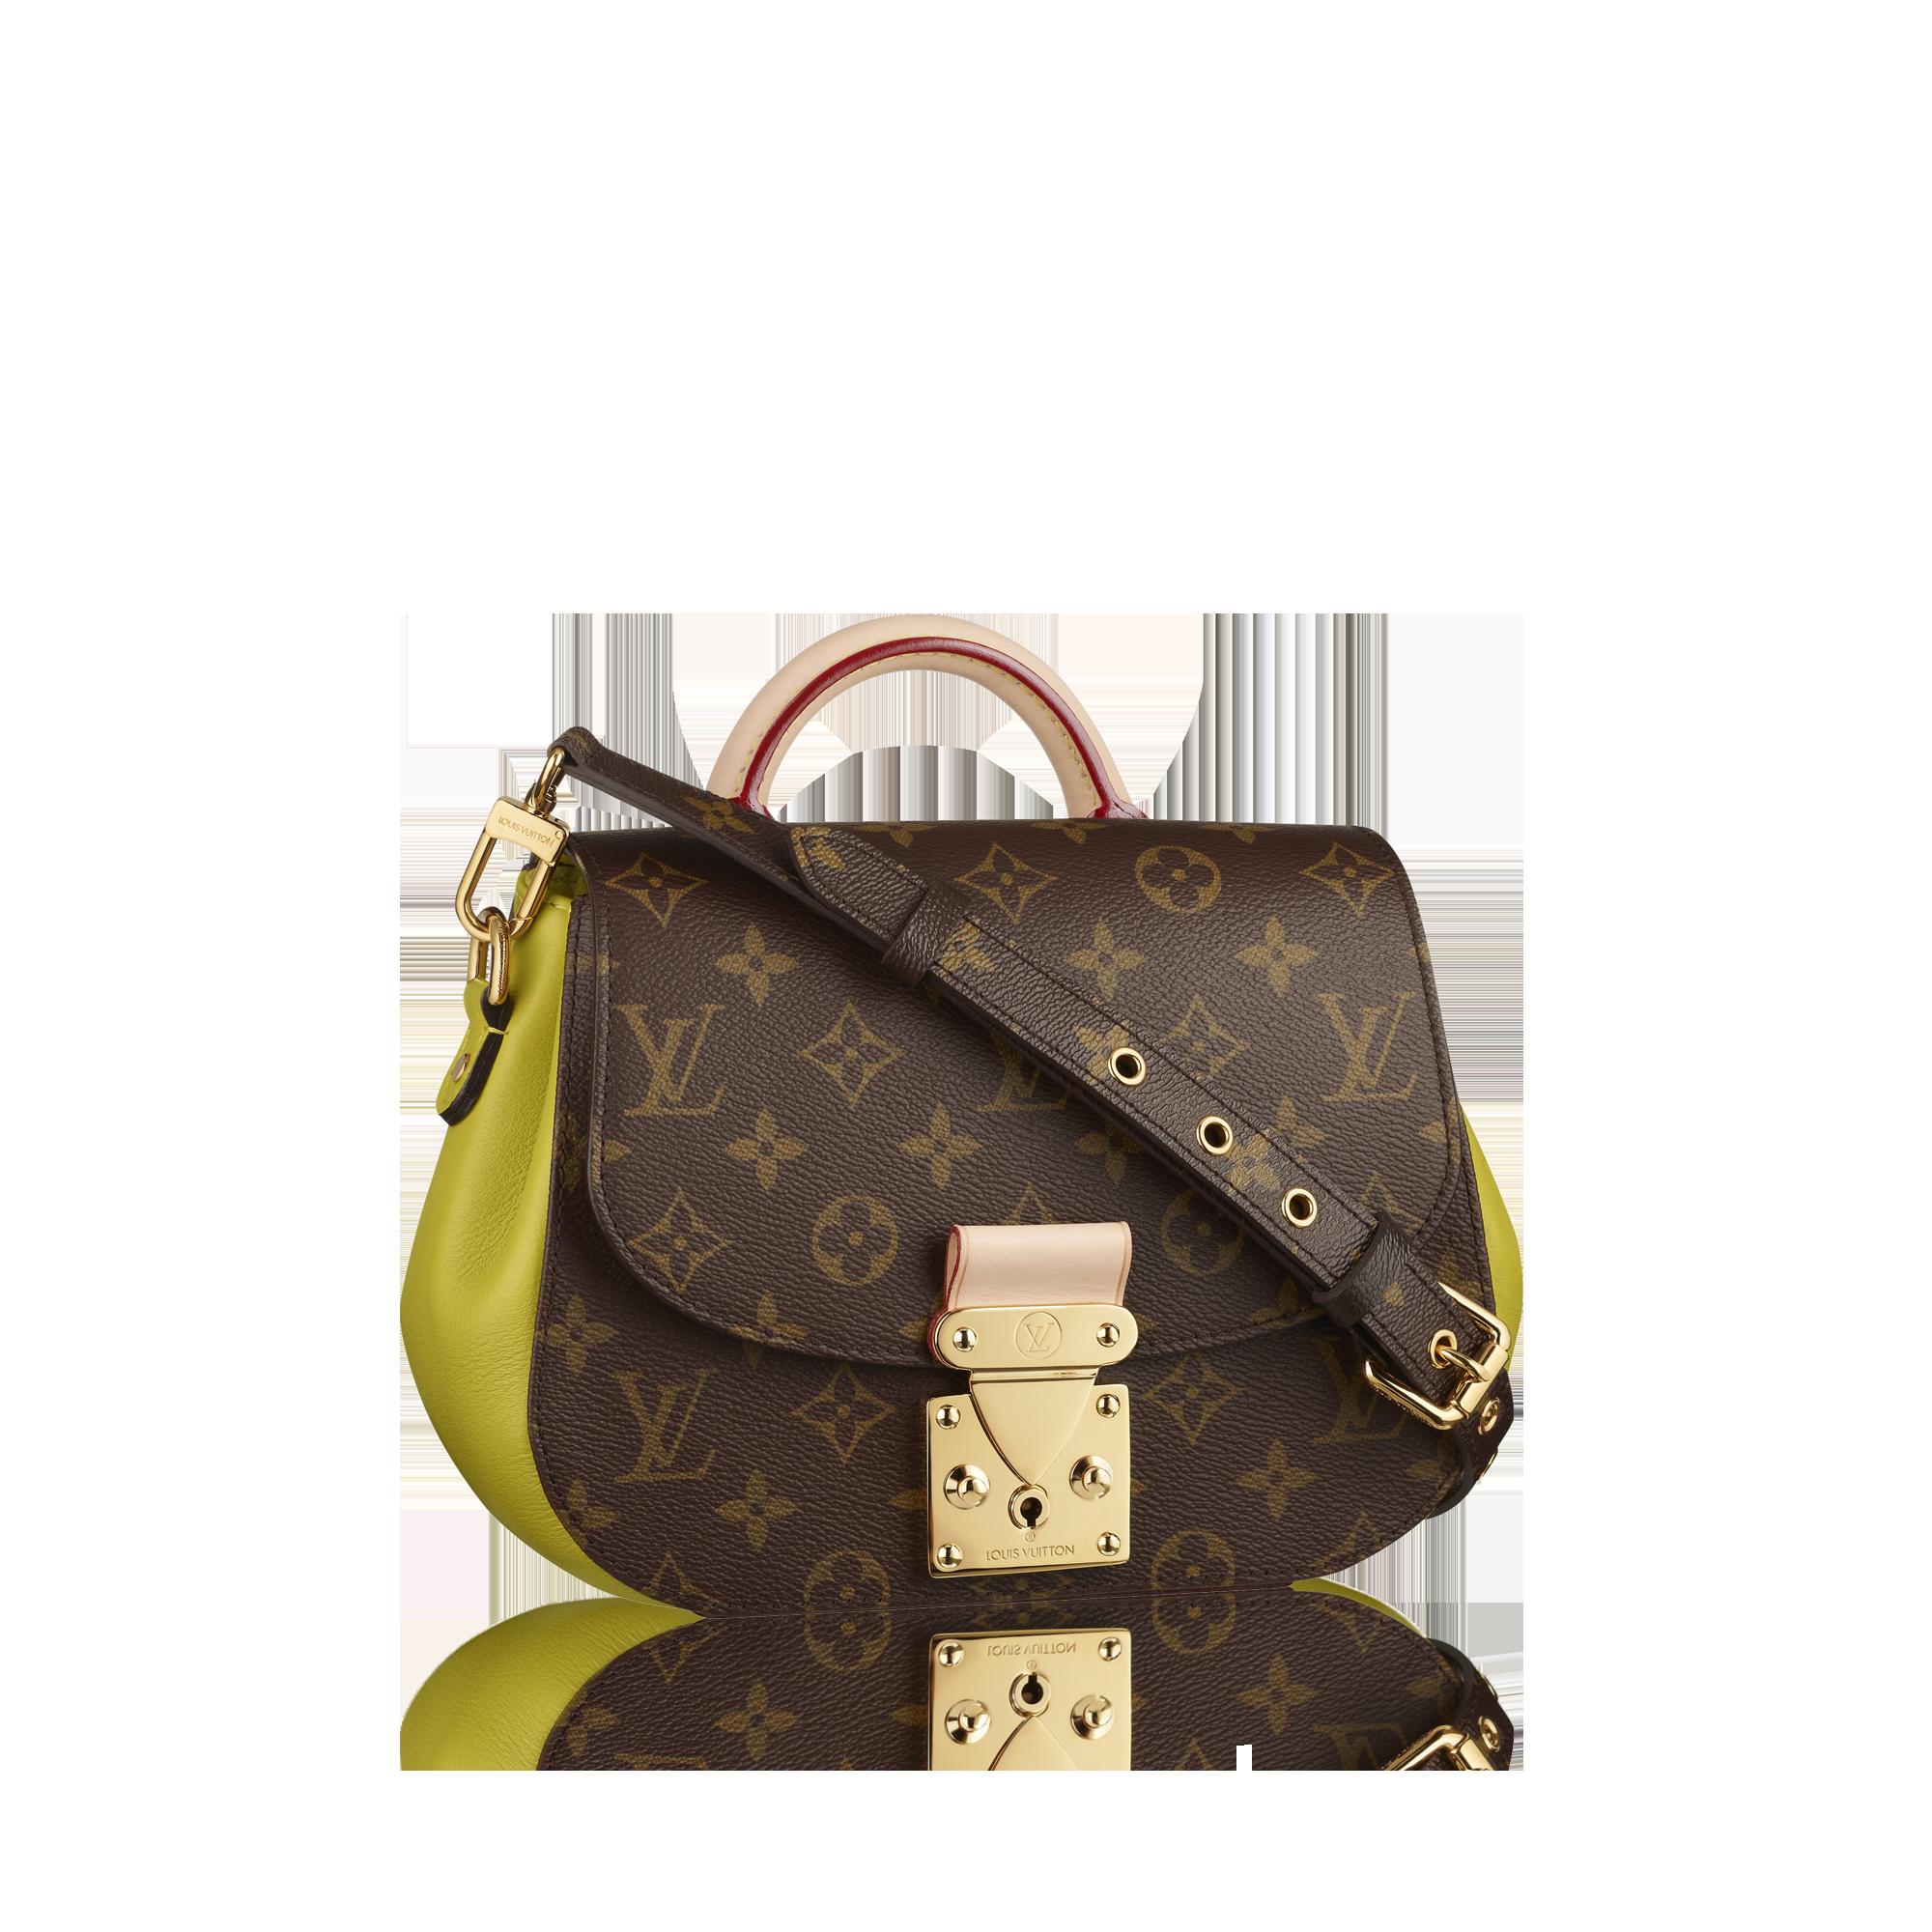 Eden Pm Via Louis Vuitton M41150